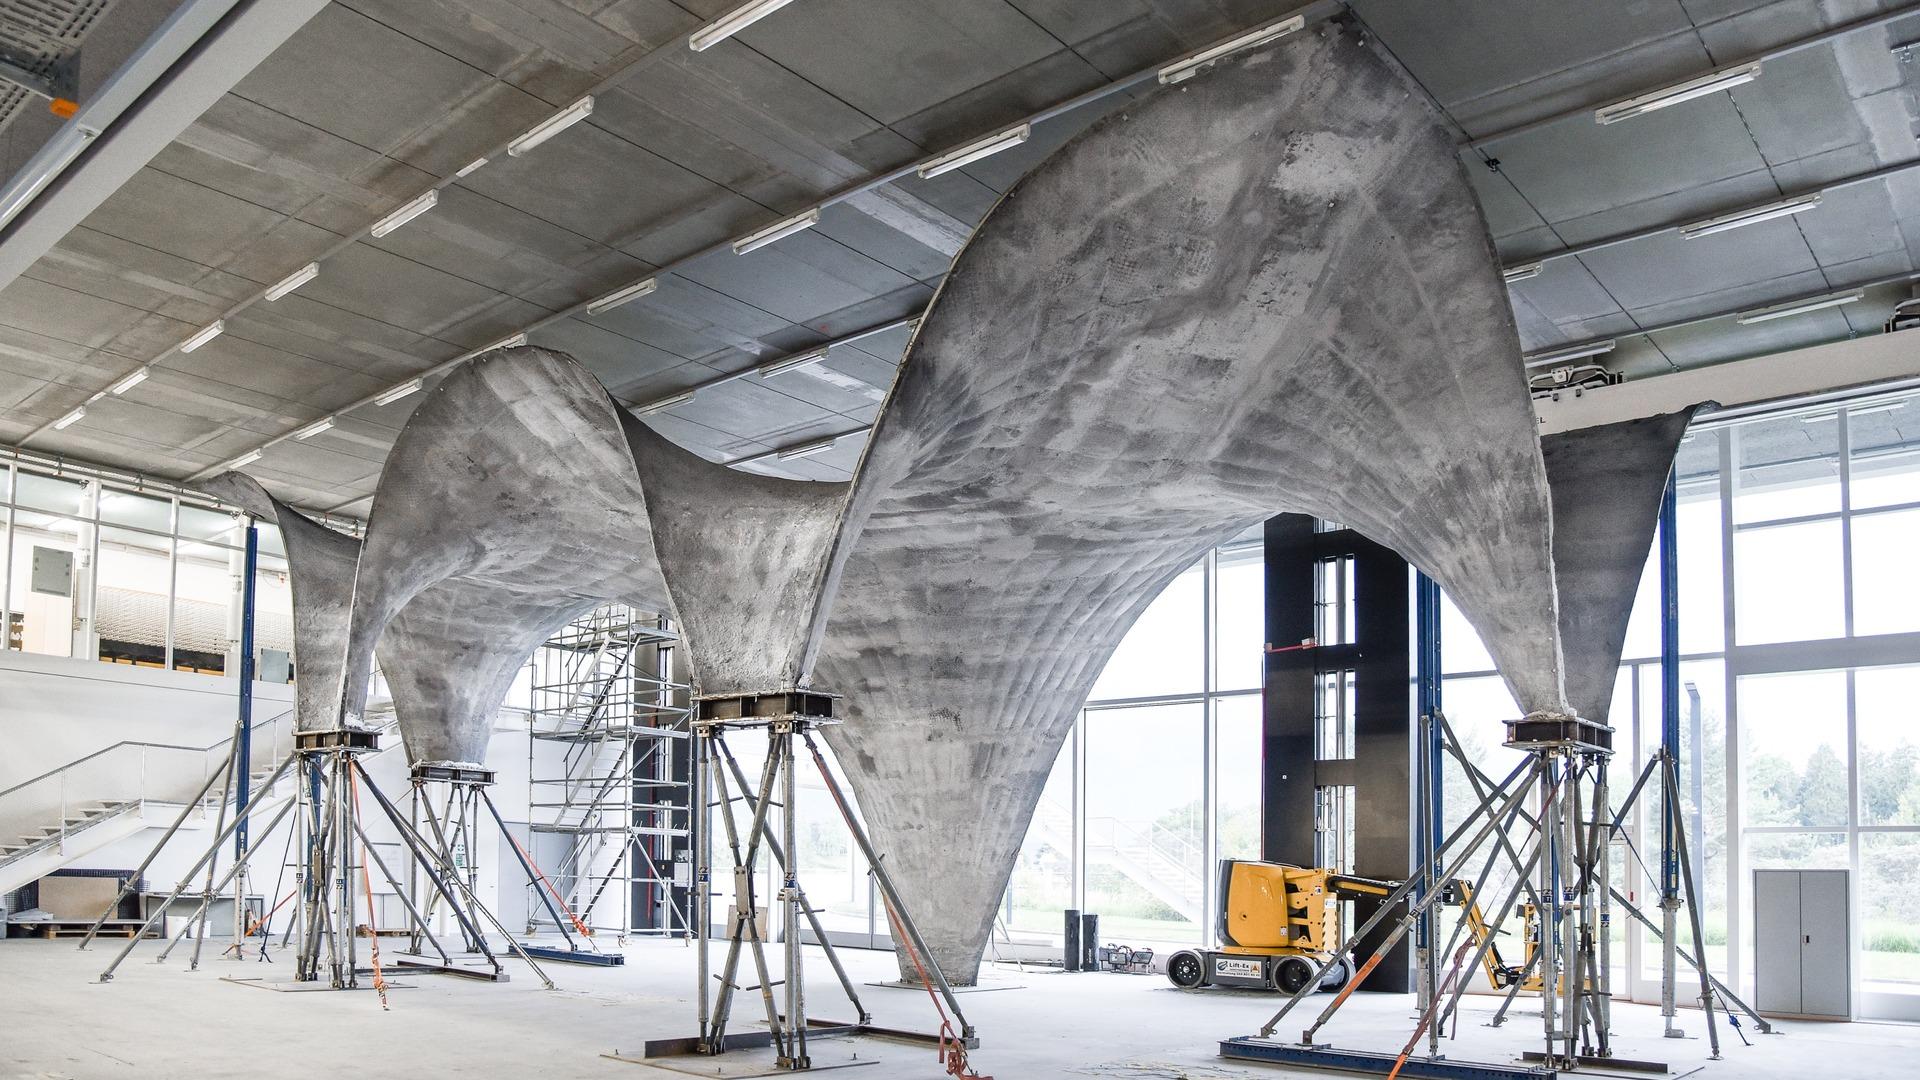 Costruire Tetto In Cemento hilo, il tetto in calcestruzzo super sottile per generare